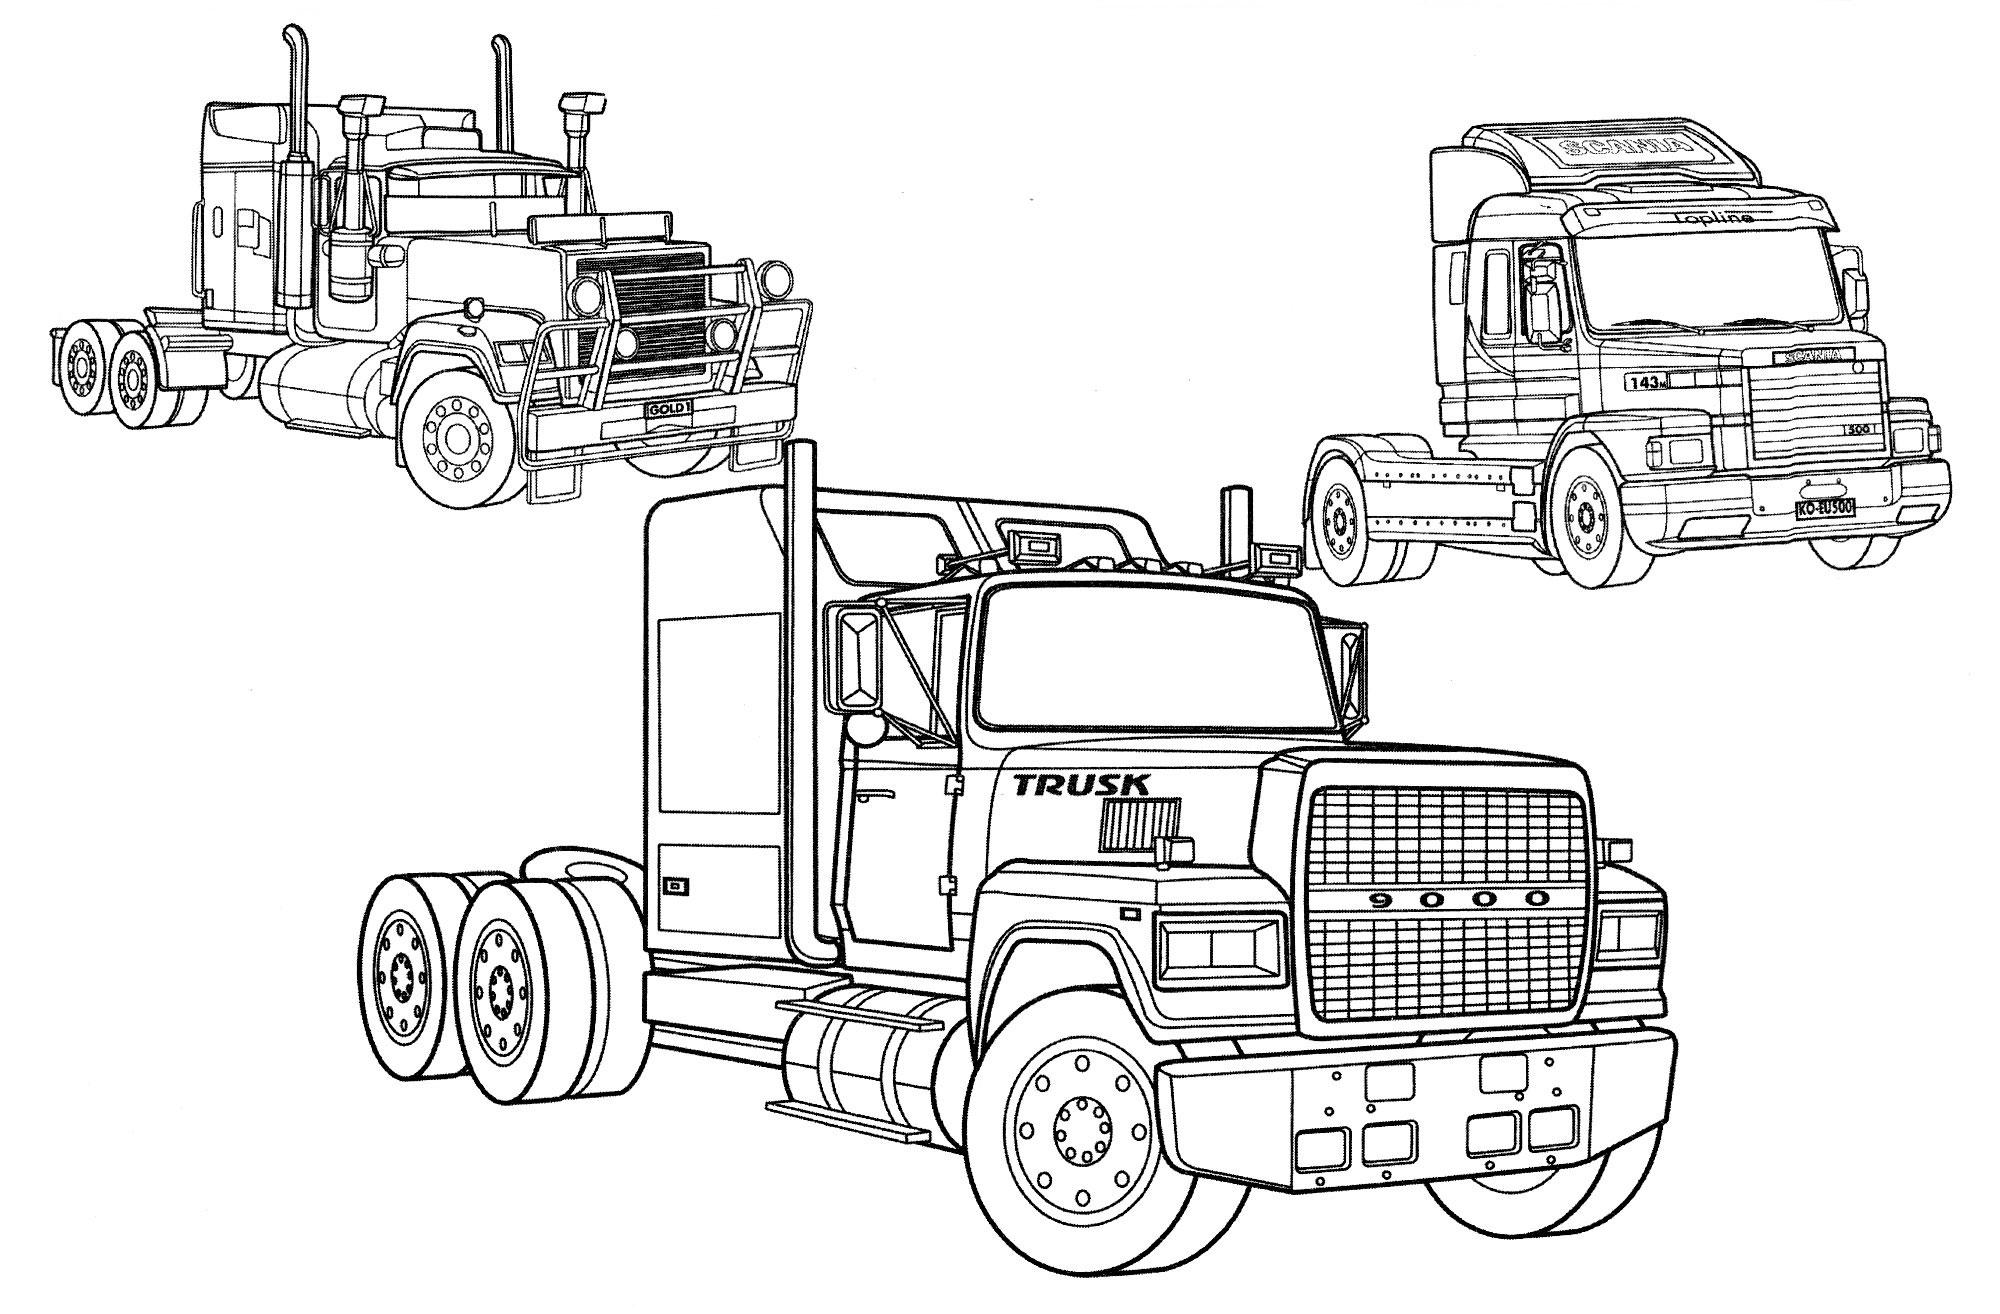 Раскраска Три больших грузовика | Раскраски Грузовики